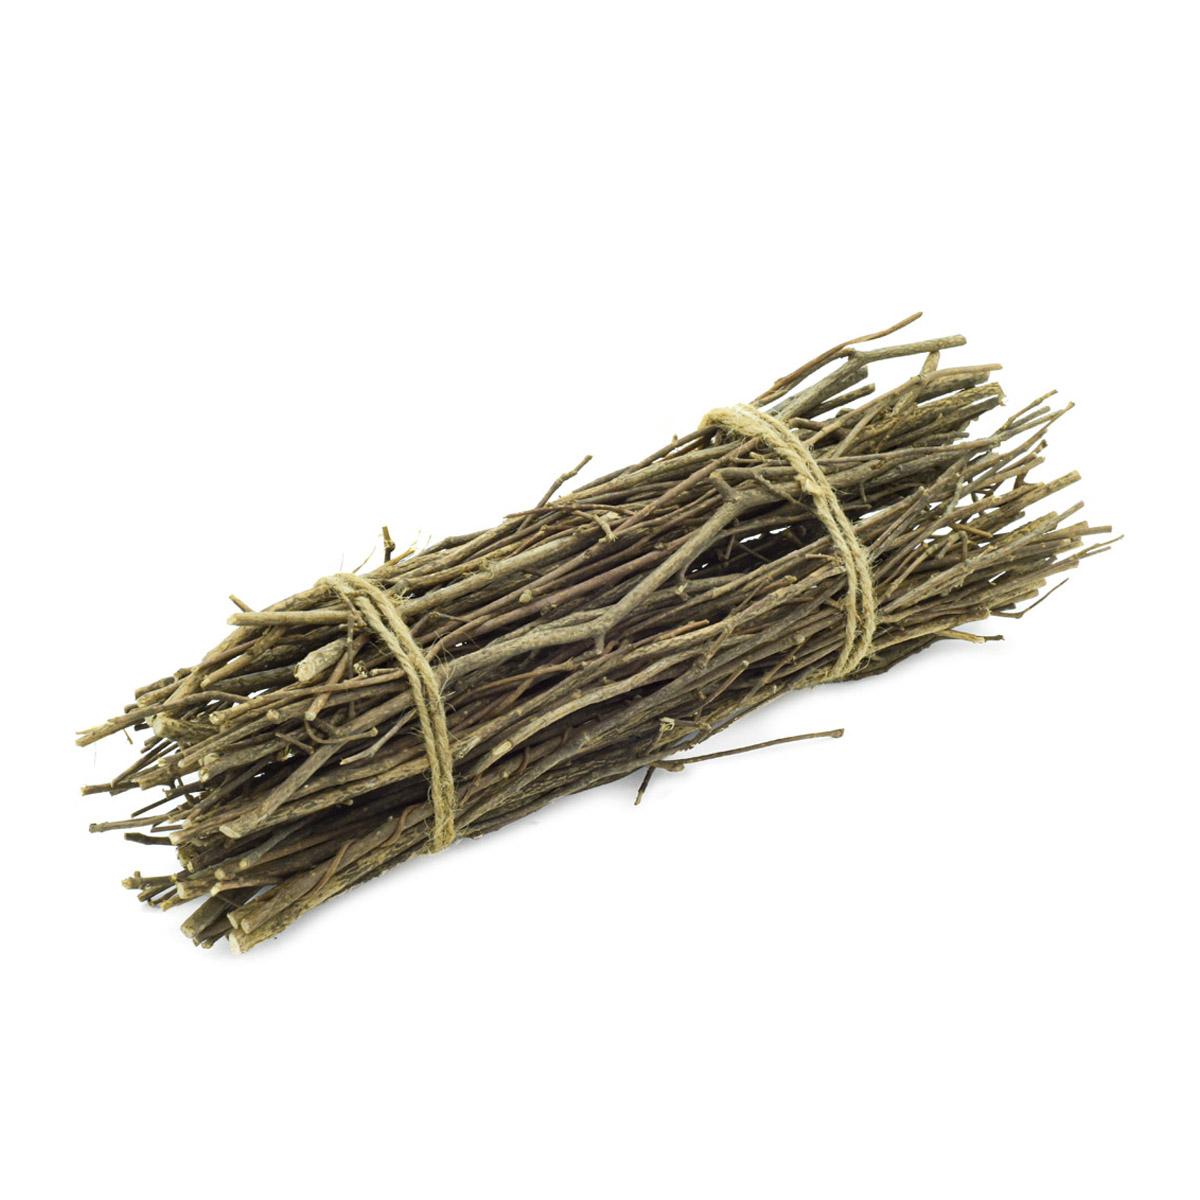 YW230 Хворост декоративный натуральный (орешник), 30см